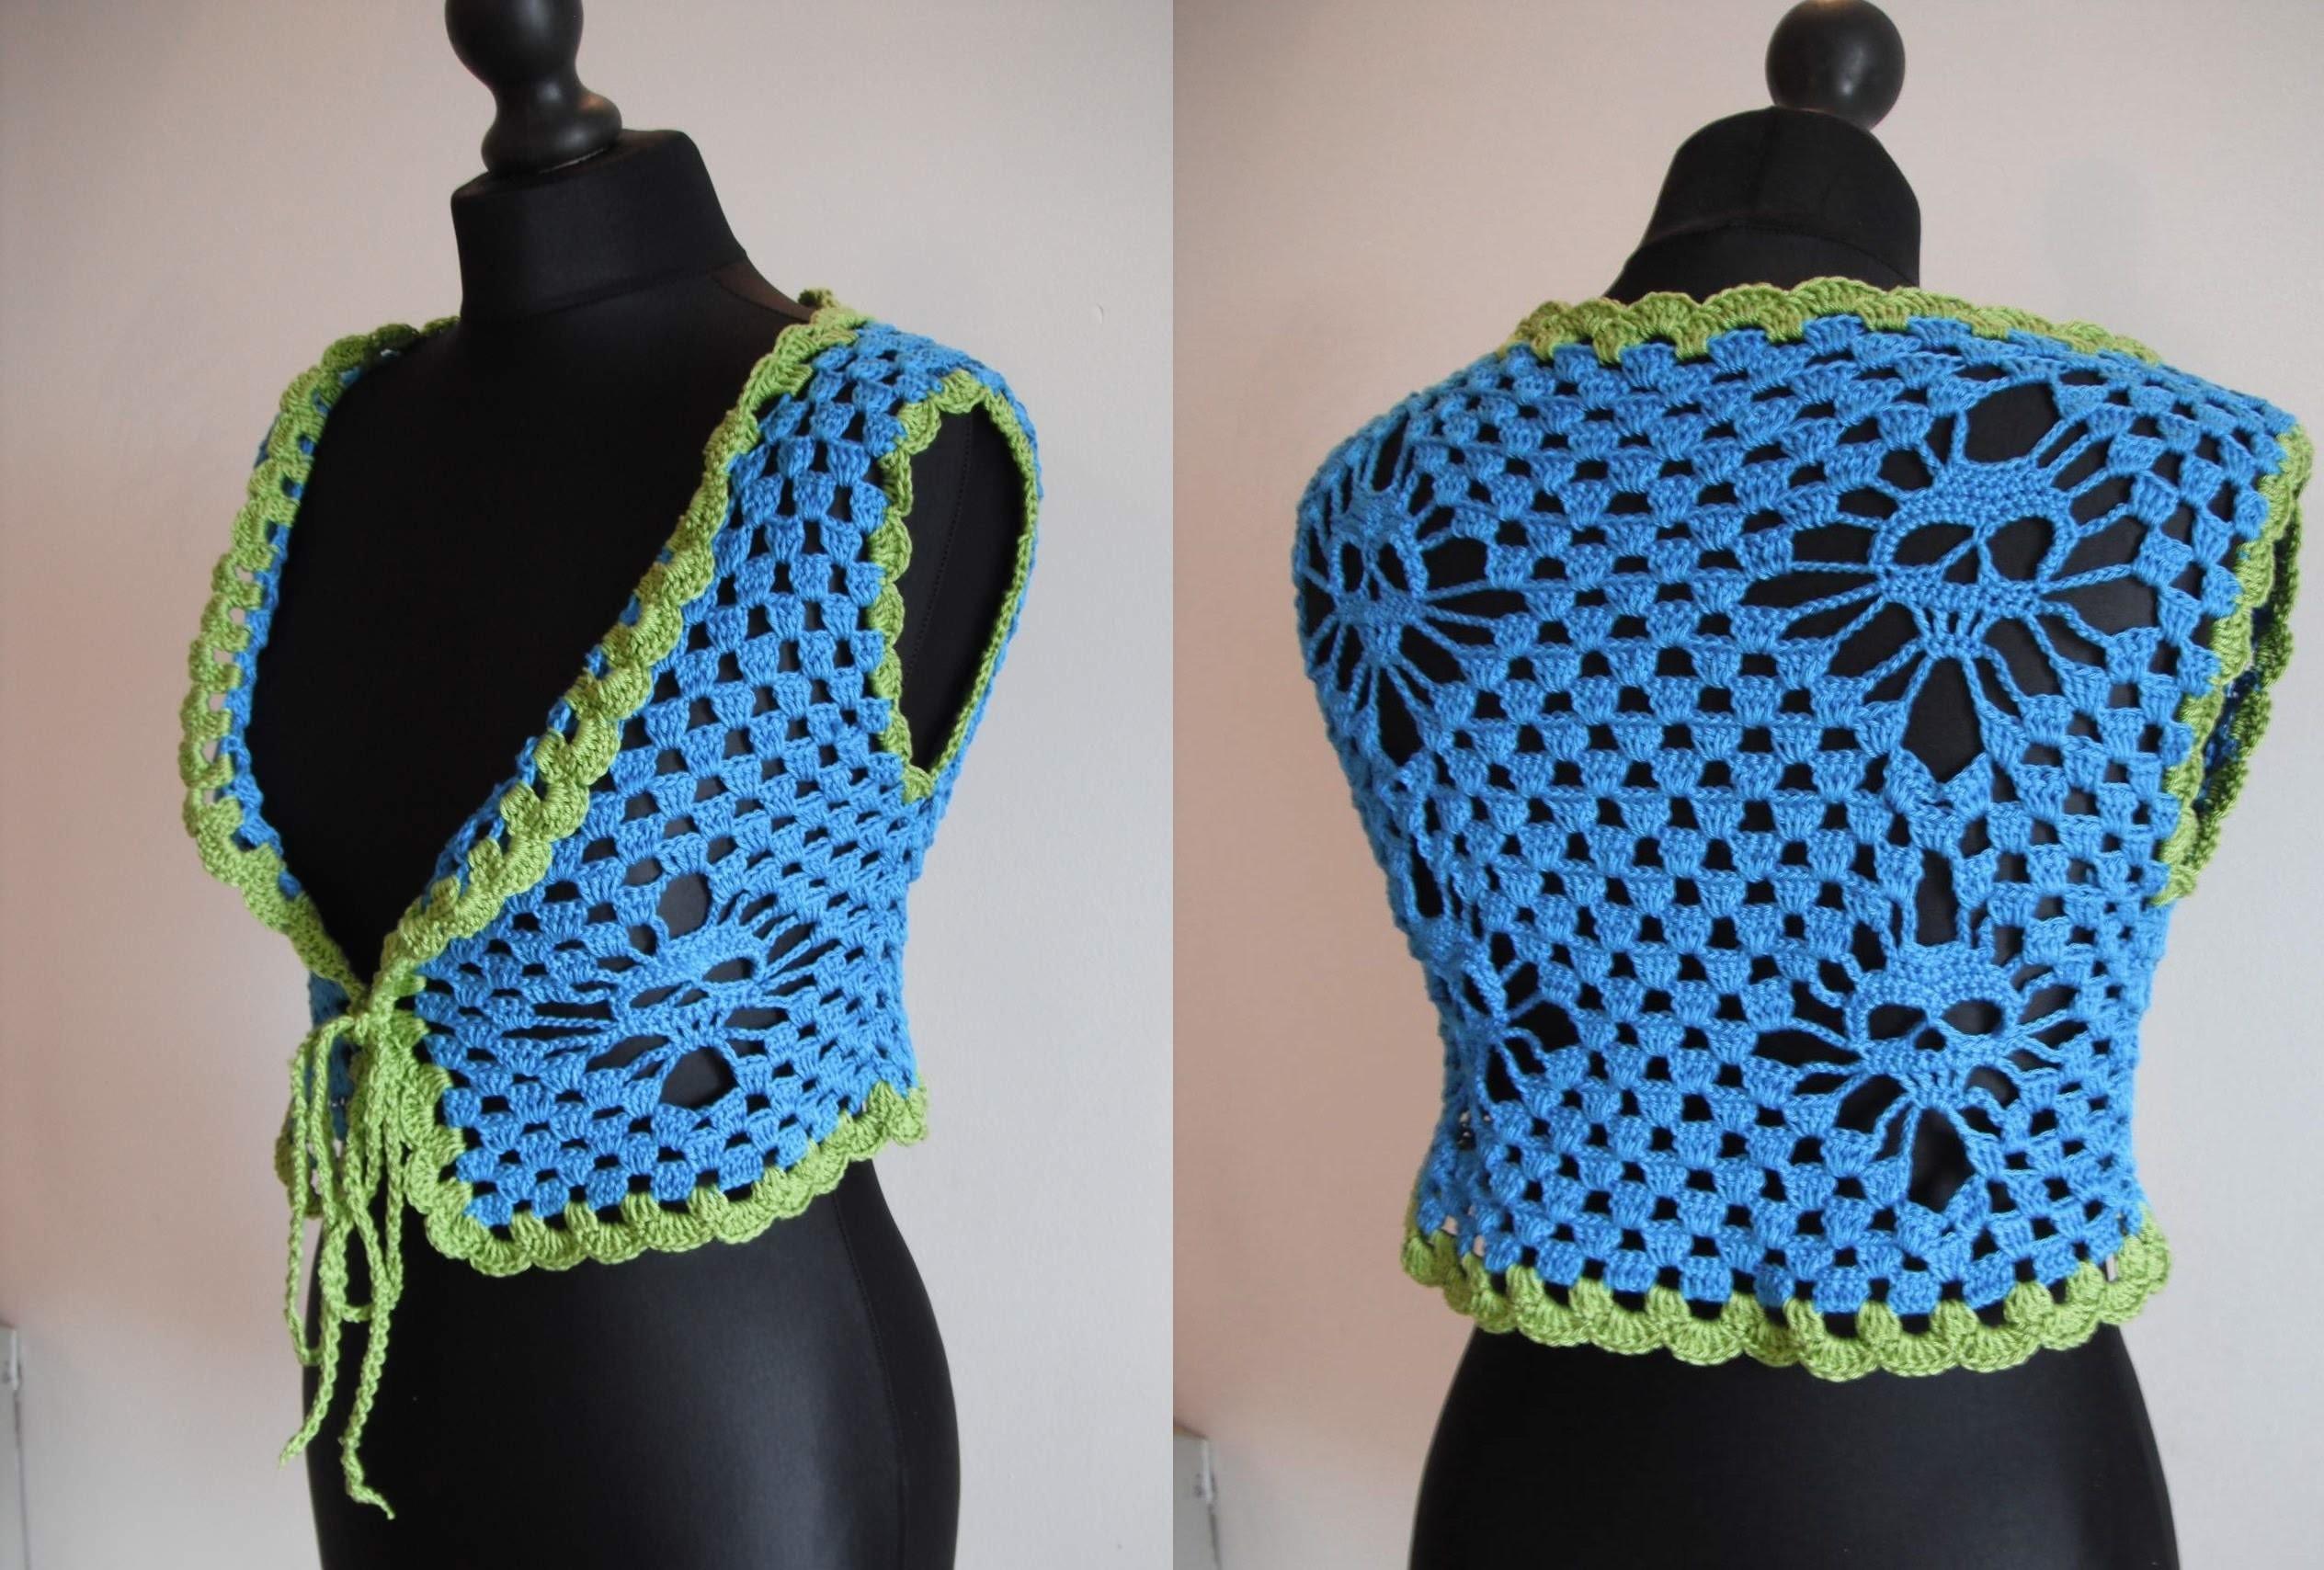 How to crochet bolero shrug with skulls free pattern tutorial by marifu6a